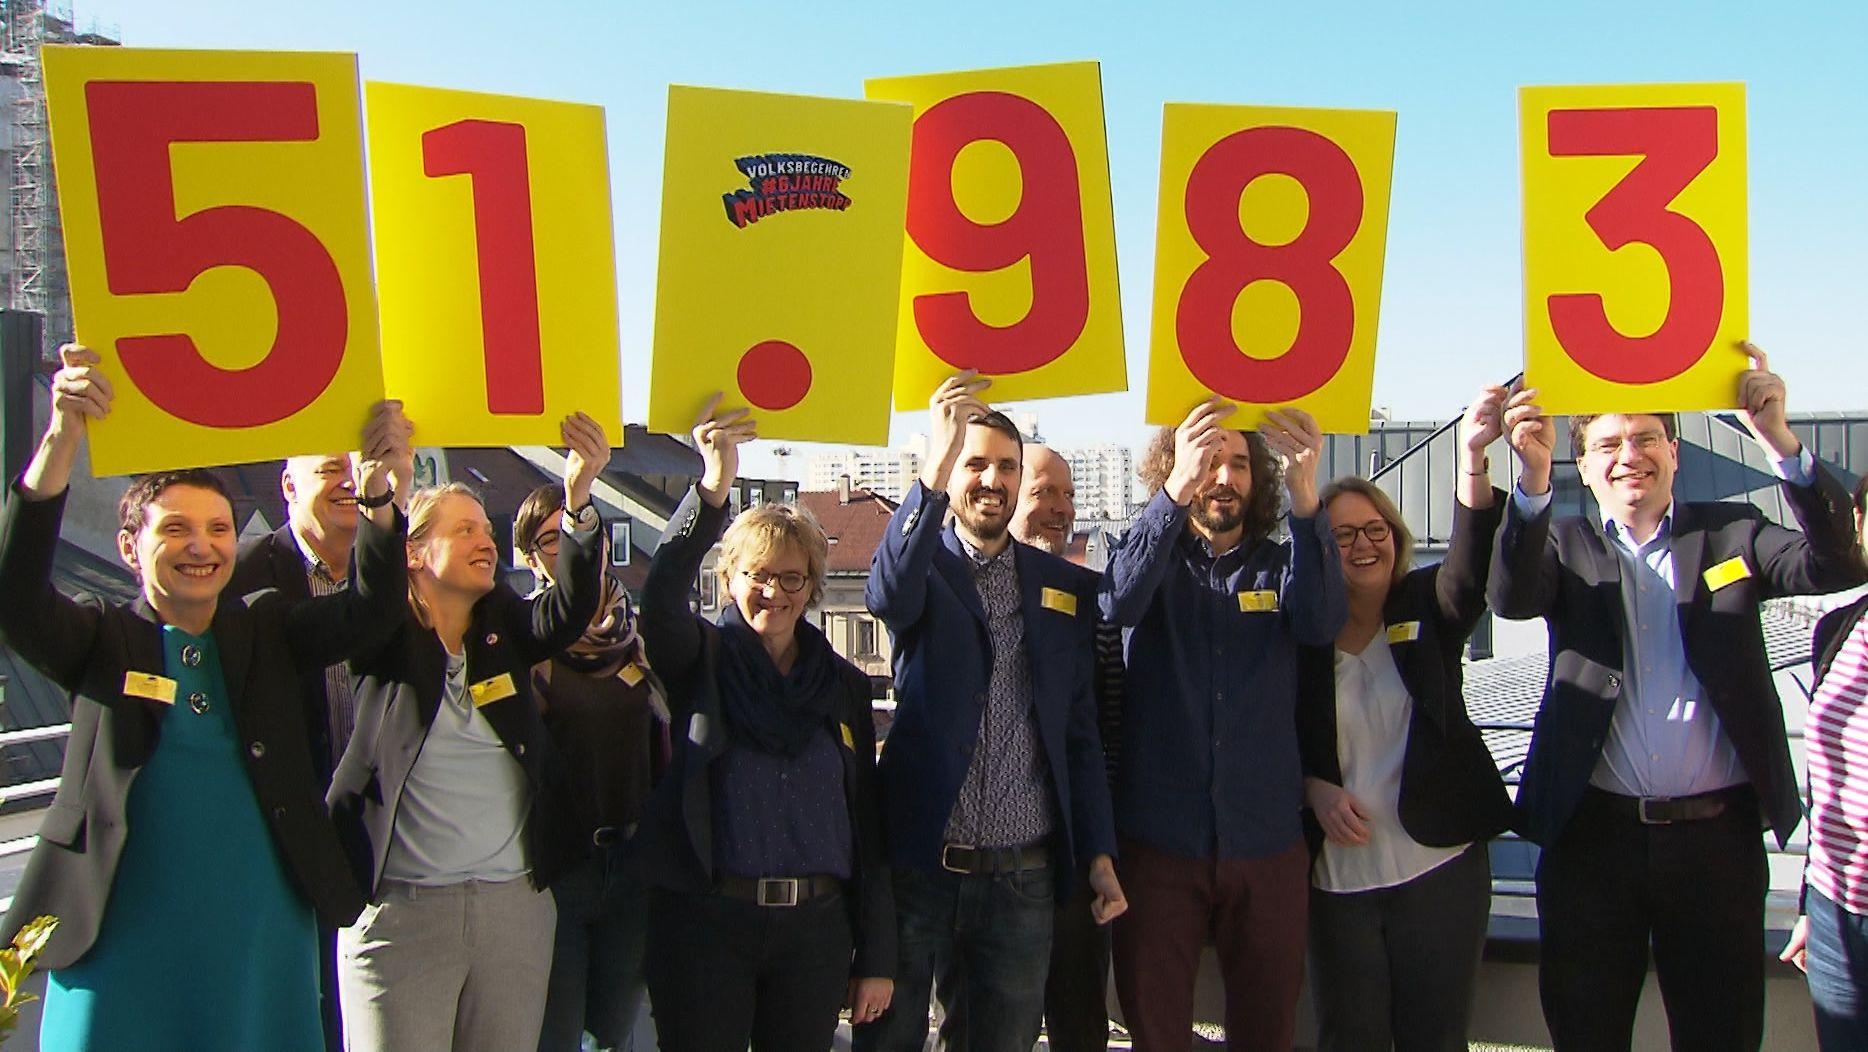 Organisatoren des Volksbegehrens halten Zahlen hoch